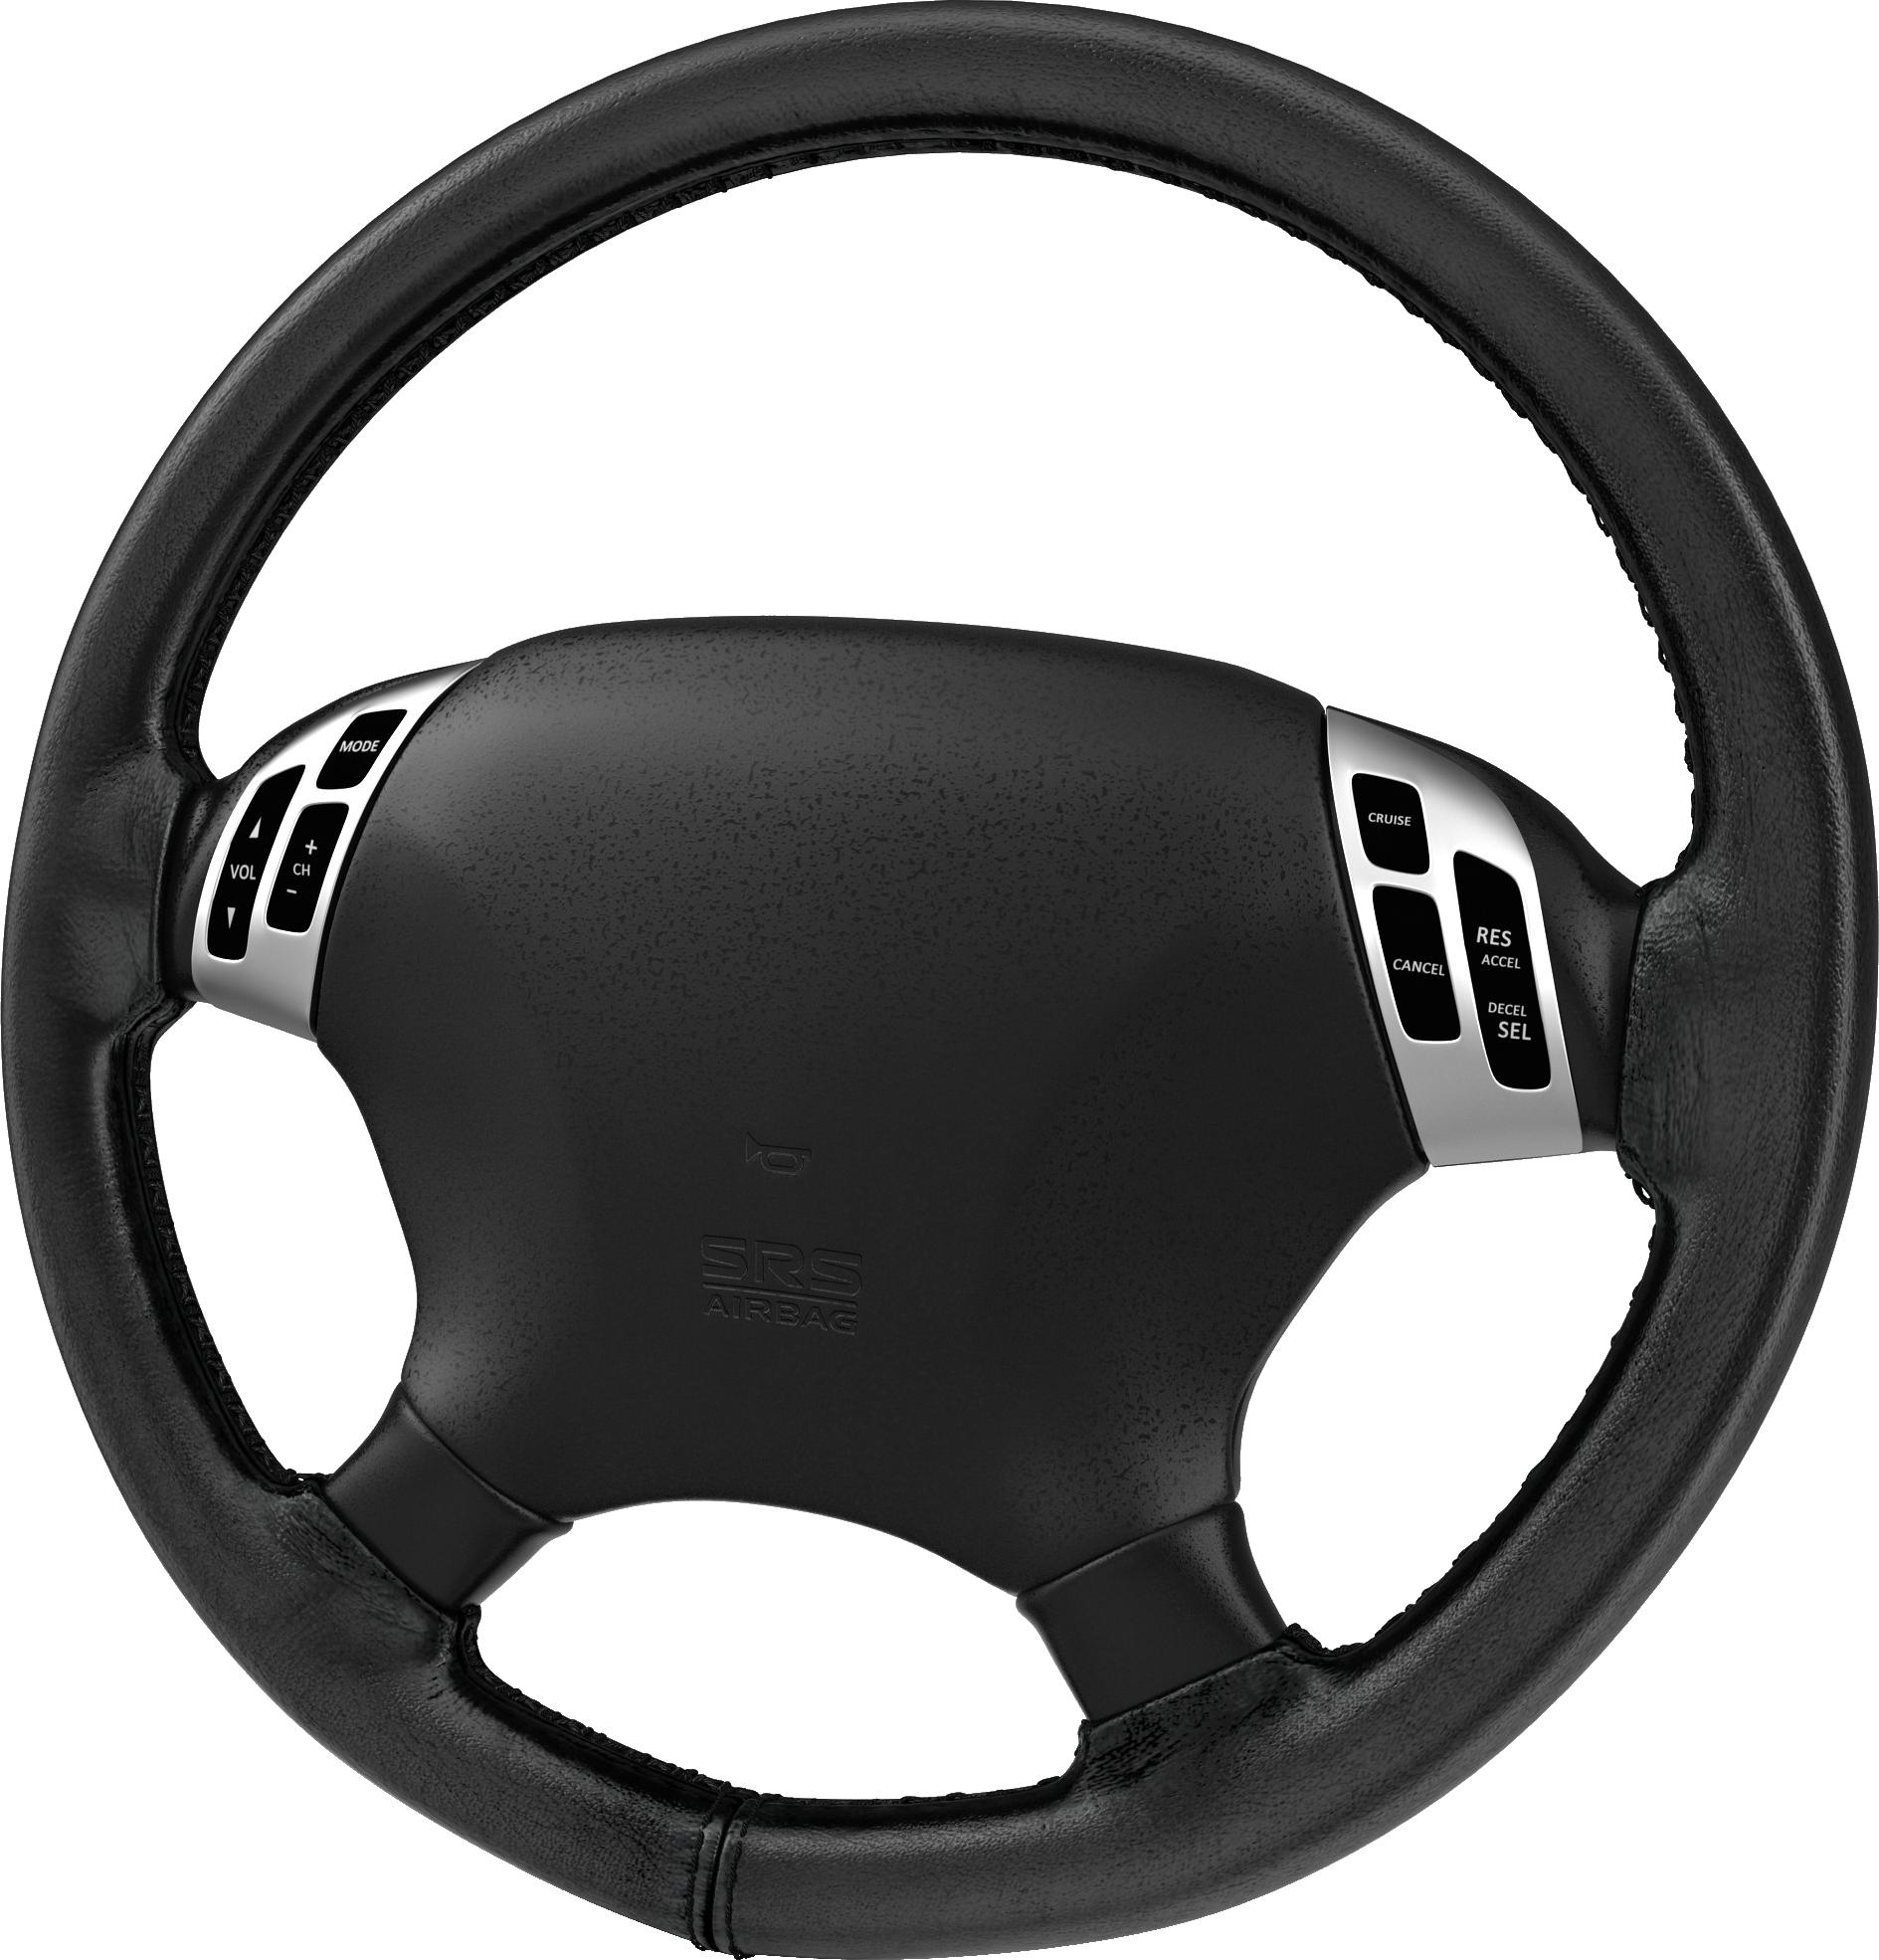 Steering Wheel Steering wheel, Nissan logo, Wheel